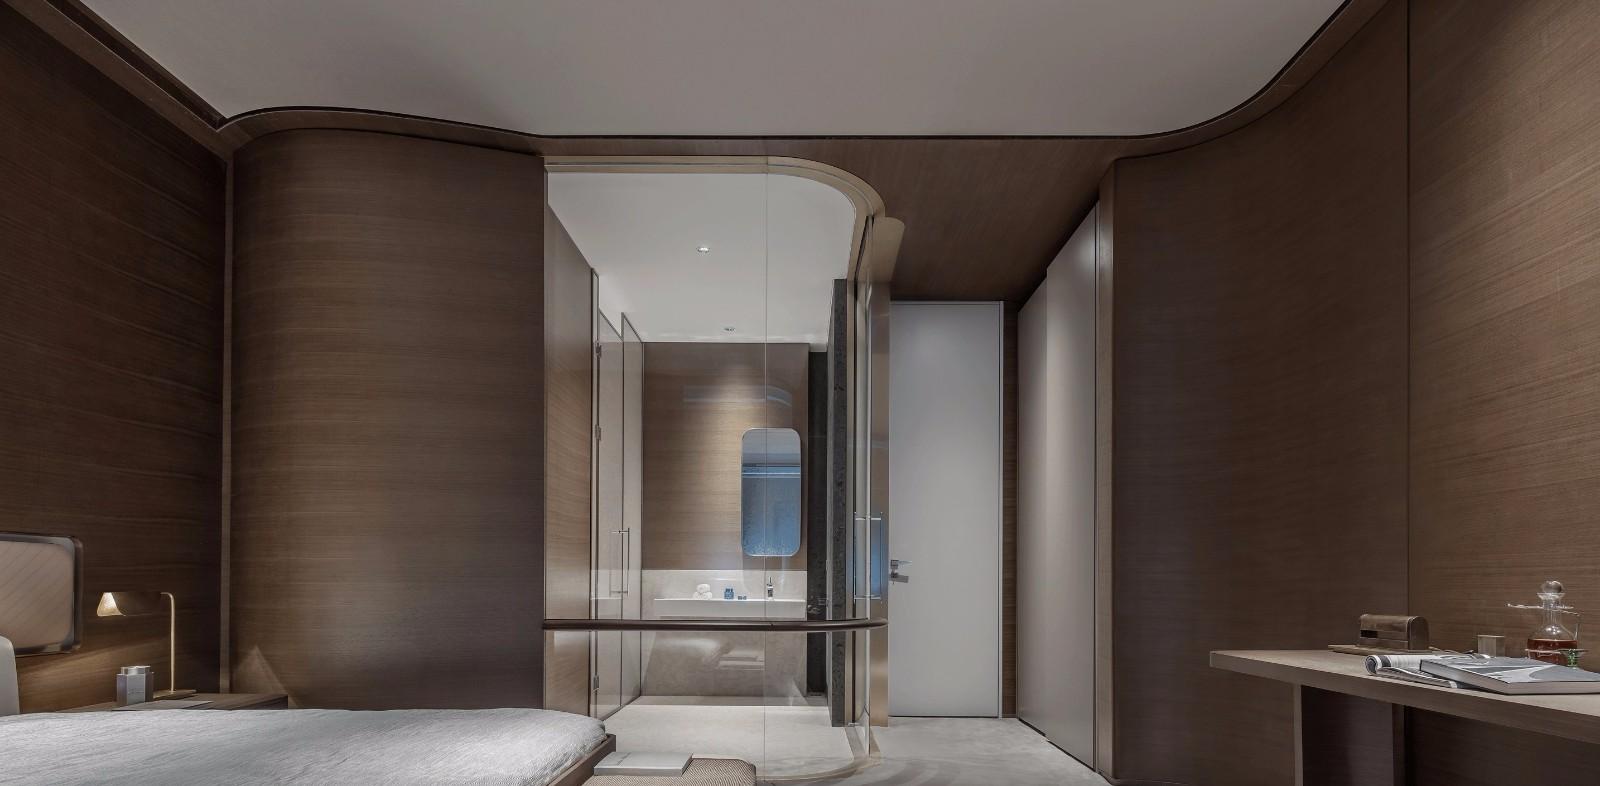 北京万科柒拾柒号院样板间   室内装饰设计  /  集美组